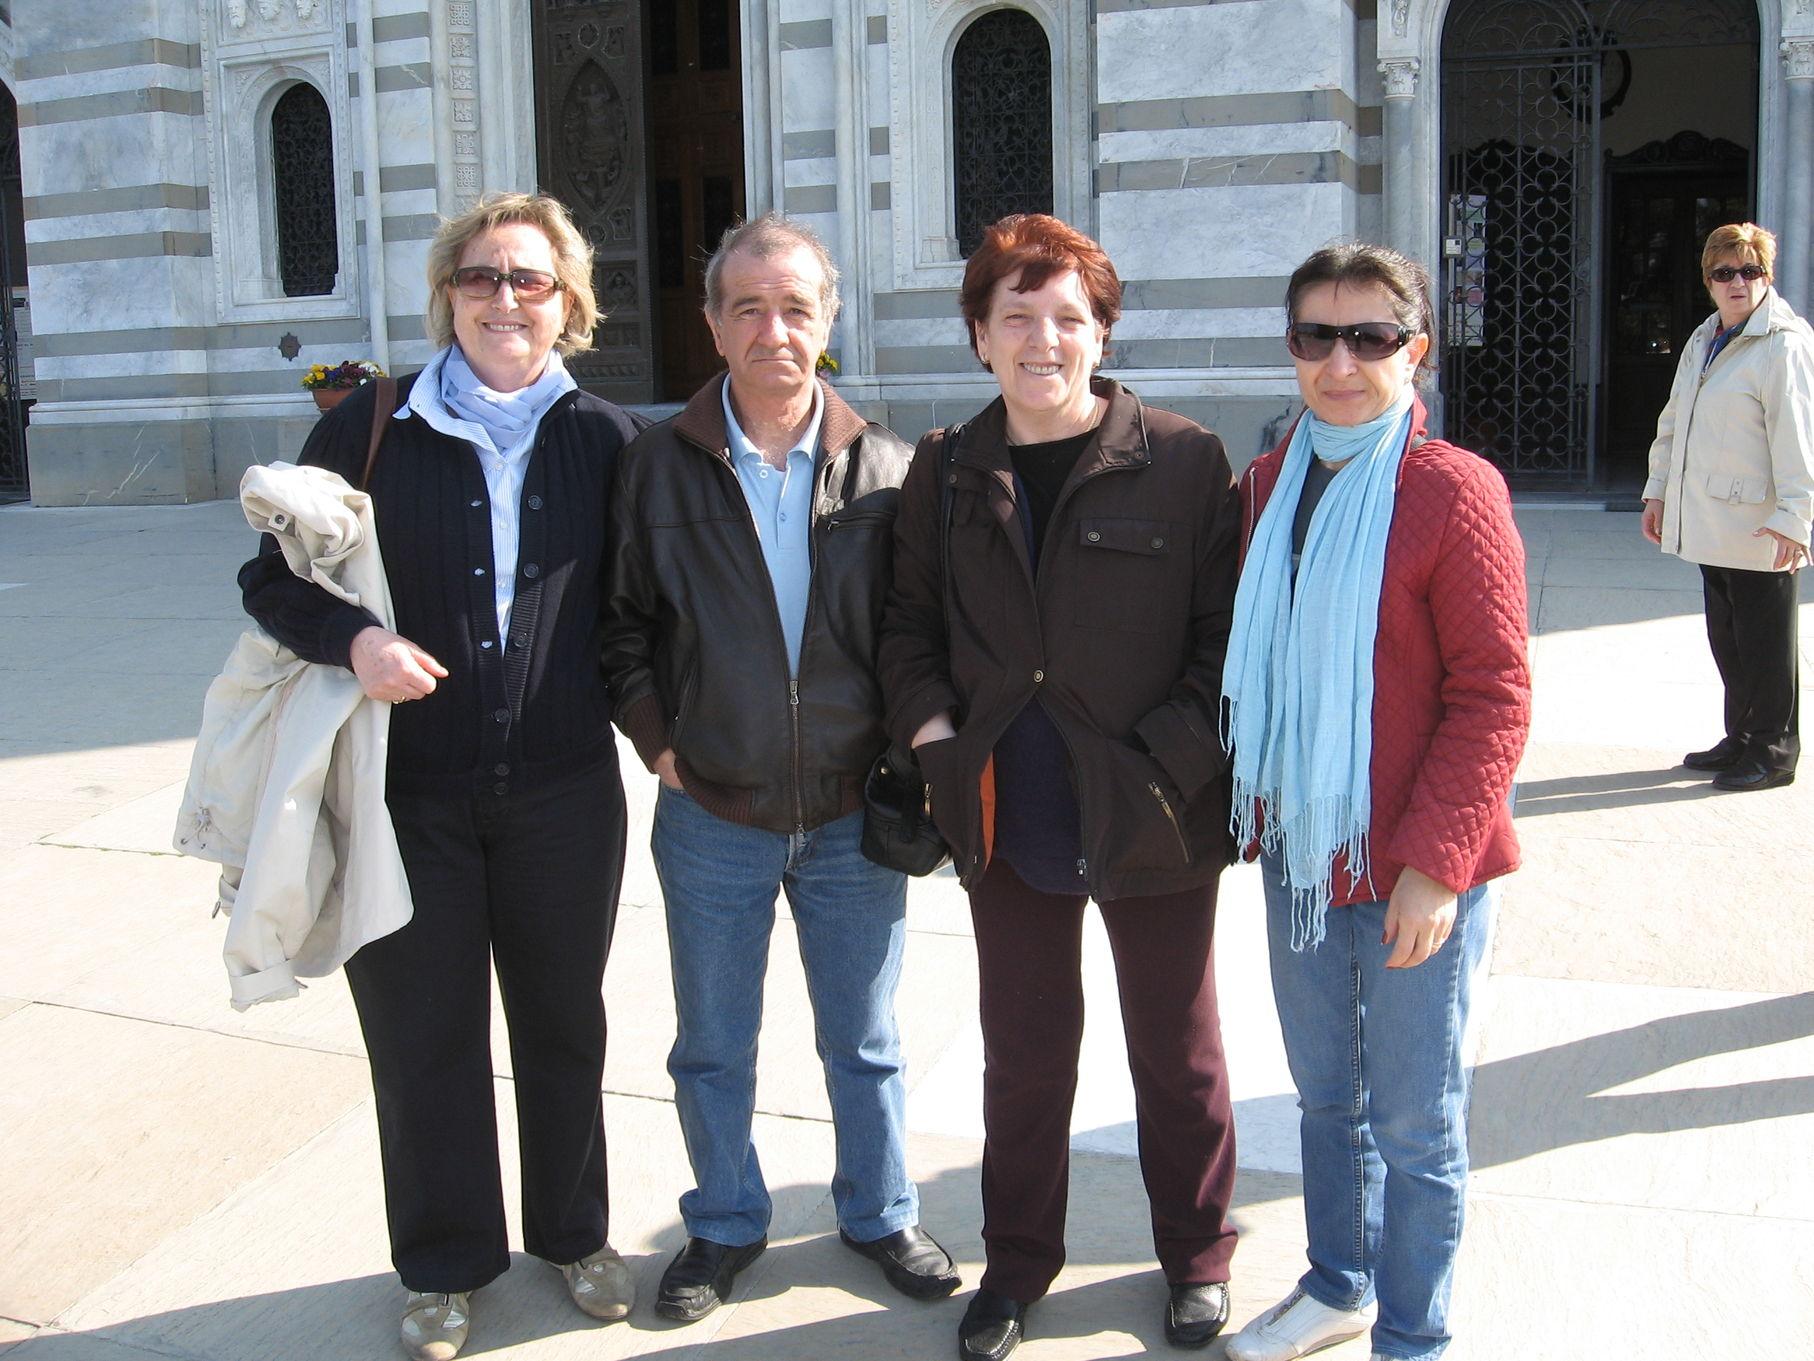 Montallegro-2009-04-13--10.06.52.jpg